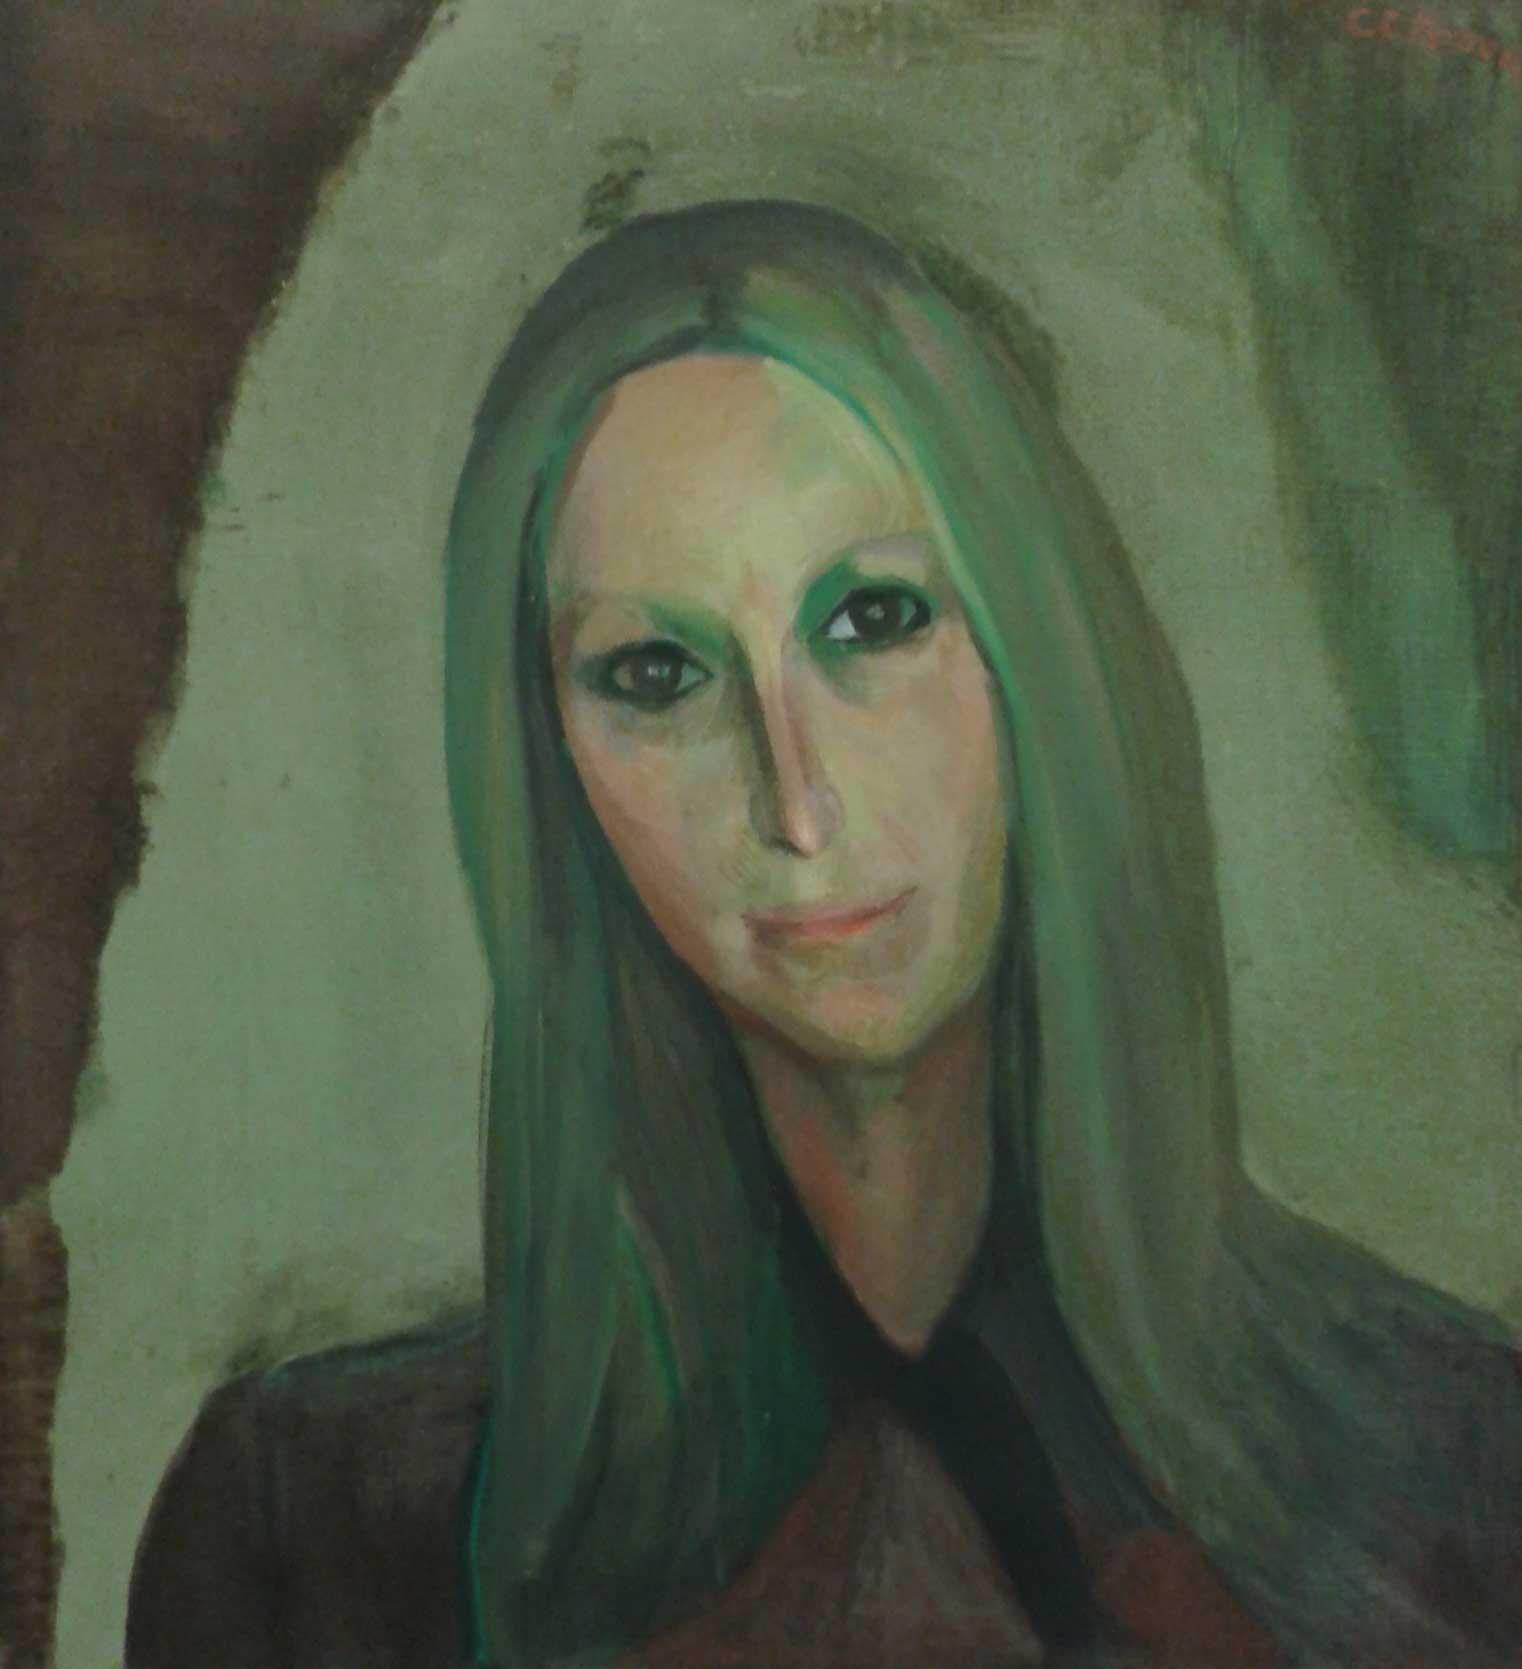 Paul Citroen Portret van een vrouw met lang haar tegen een groene achtergrond